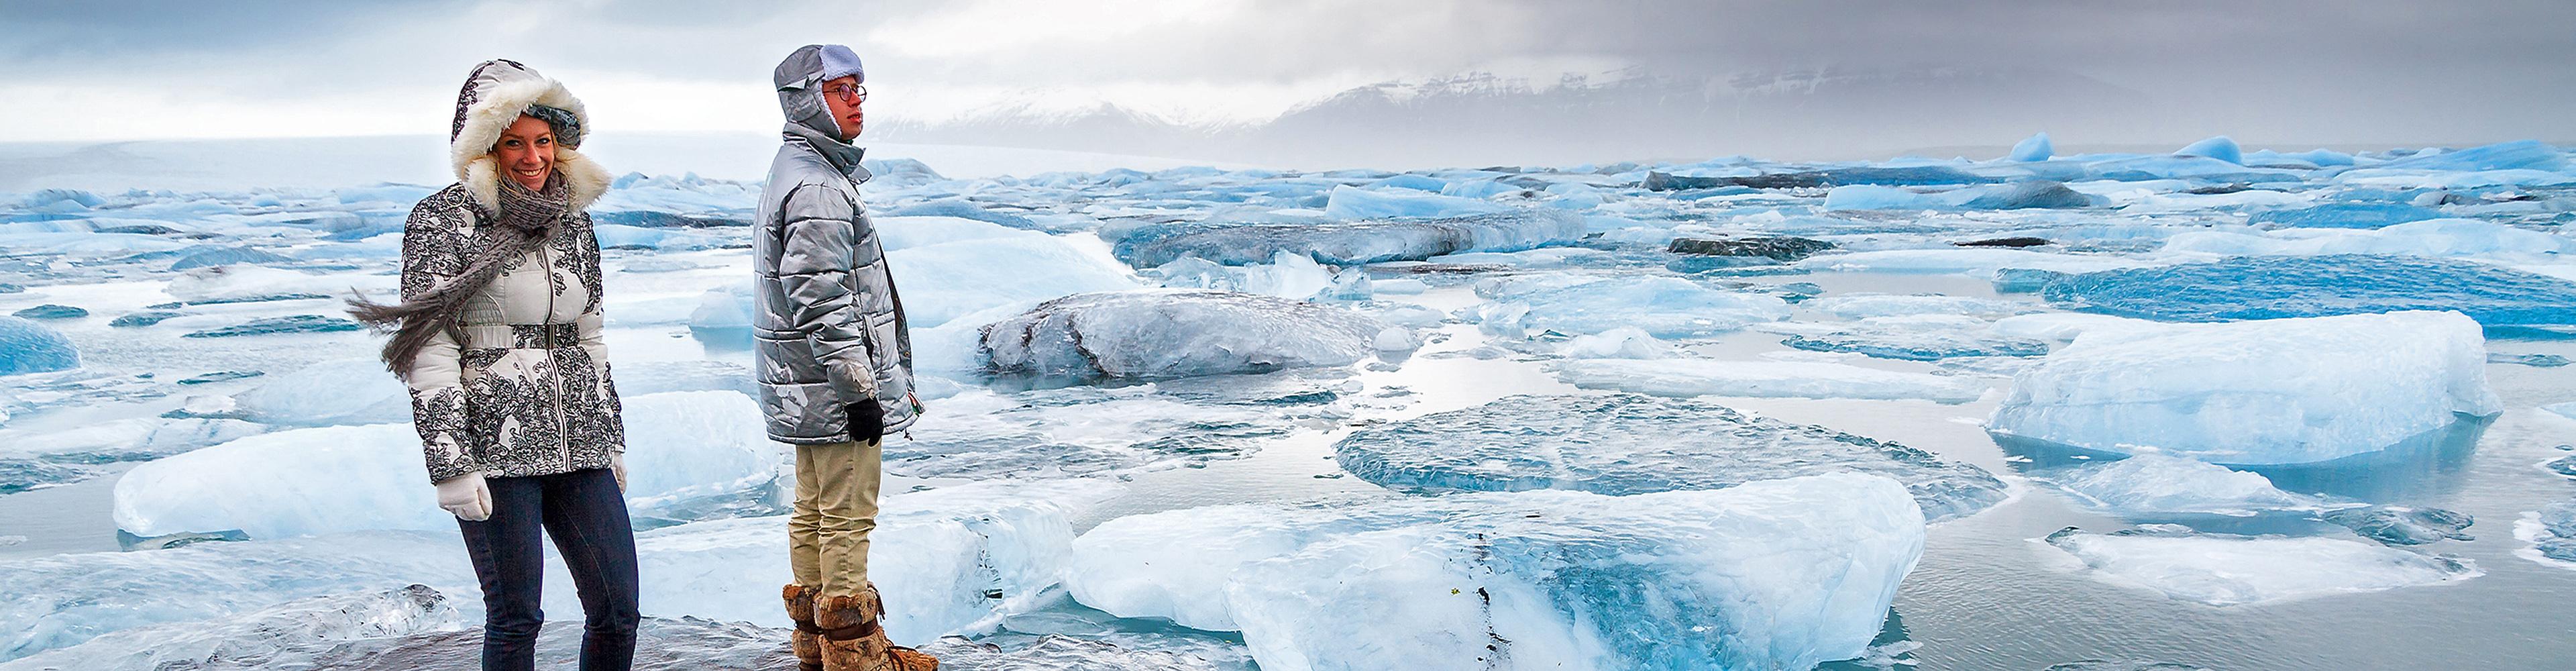 Cruising Iceland's East Coast